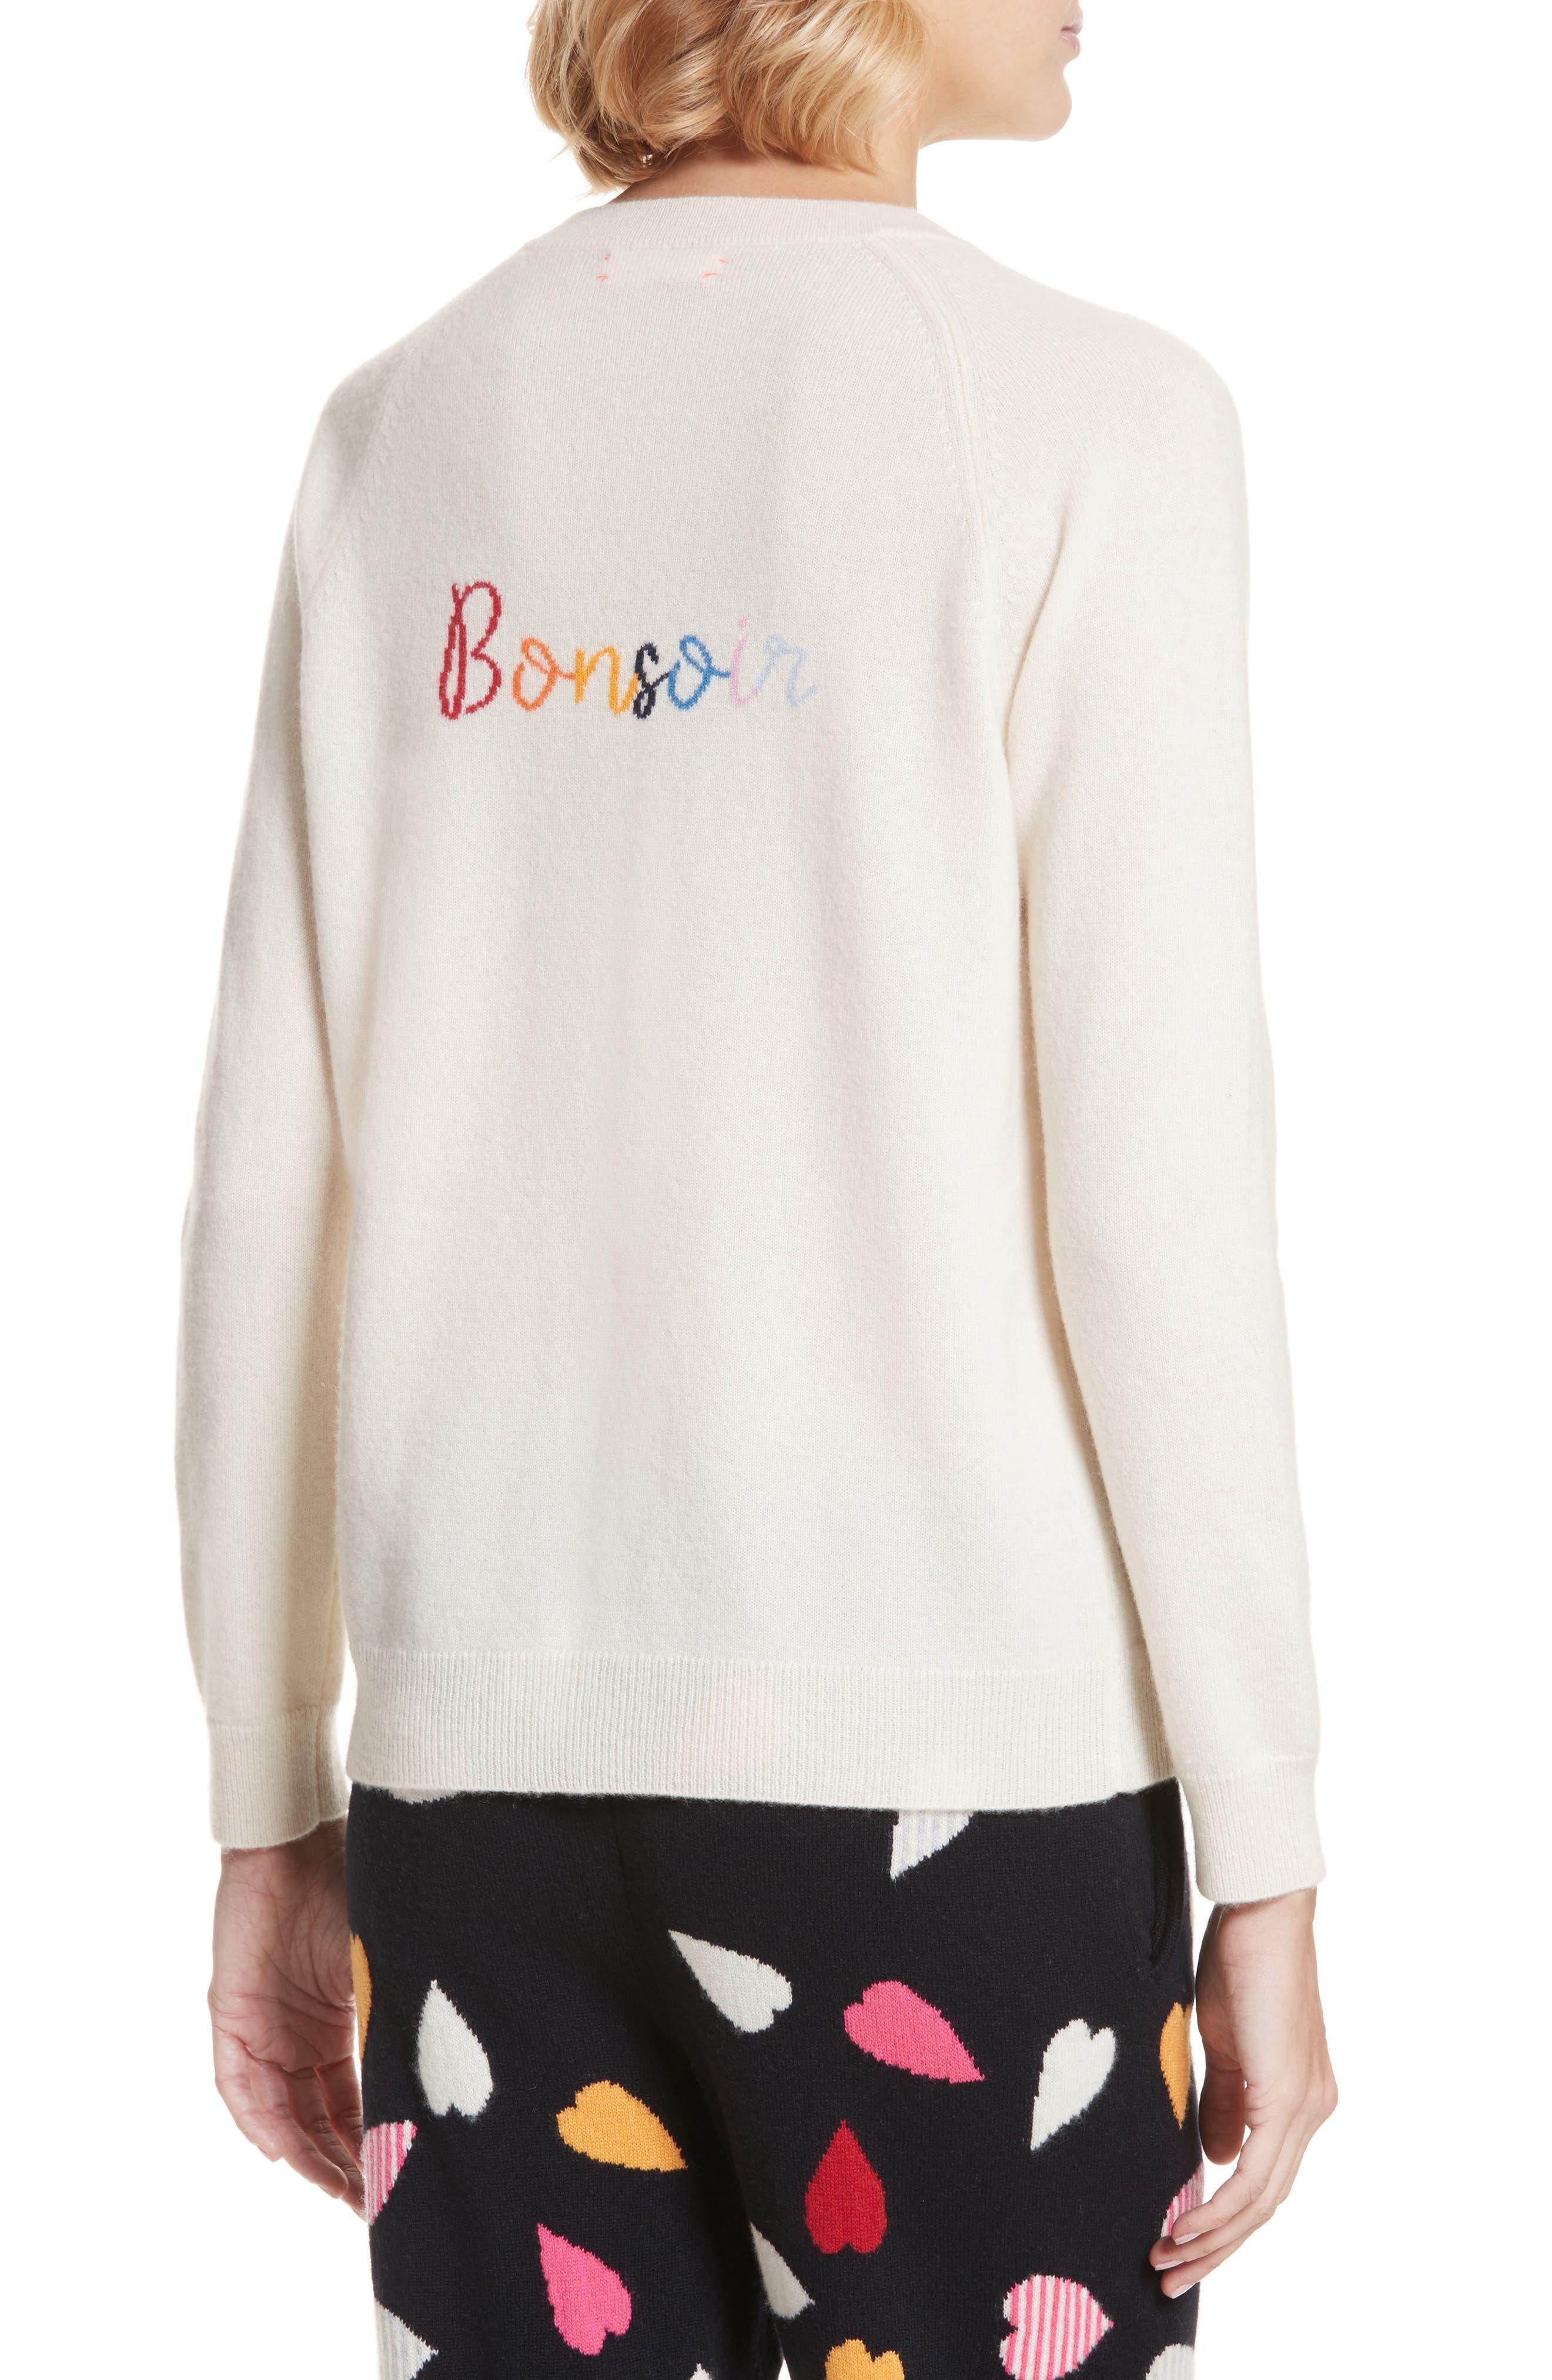 CHINTI & PARKER Bonjour/Bonsoir Cashmere Sweater,                             Alternate thumbnail 2, color,                             900